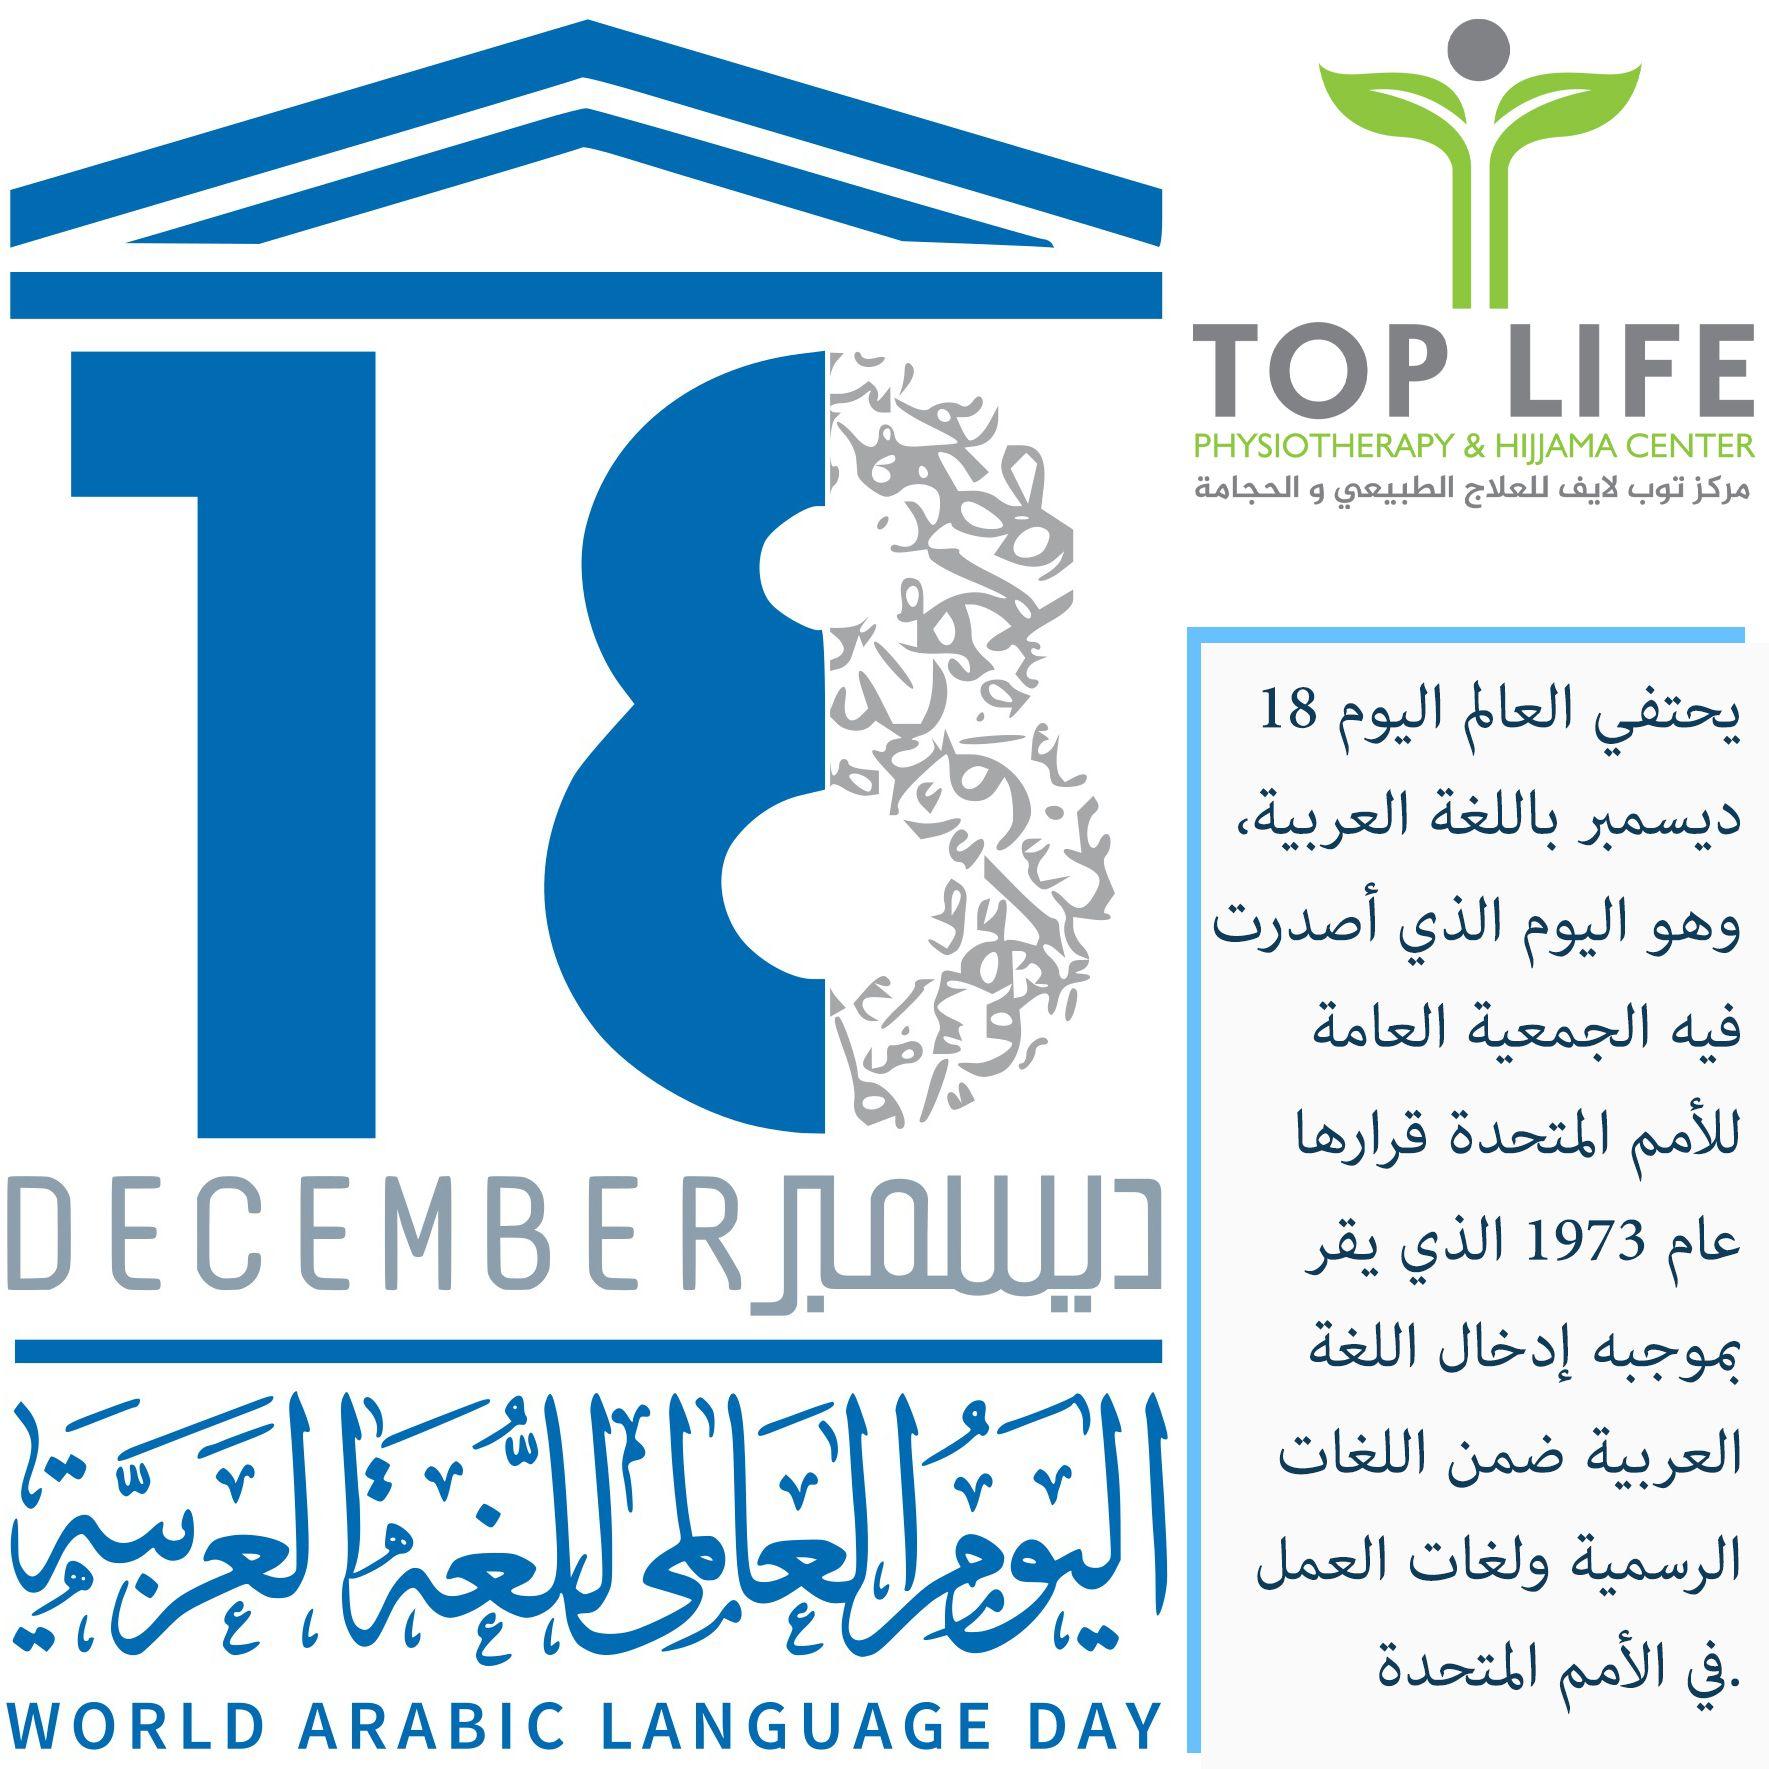 اليوم العالمي للغة العربية 18 ديسمبر Language Hijama Life